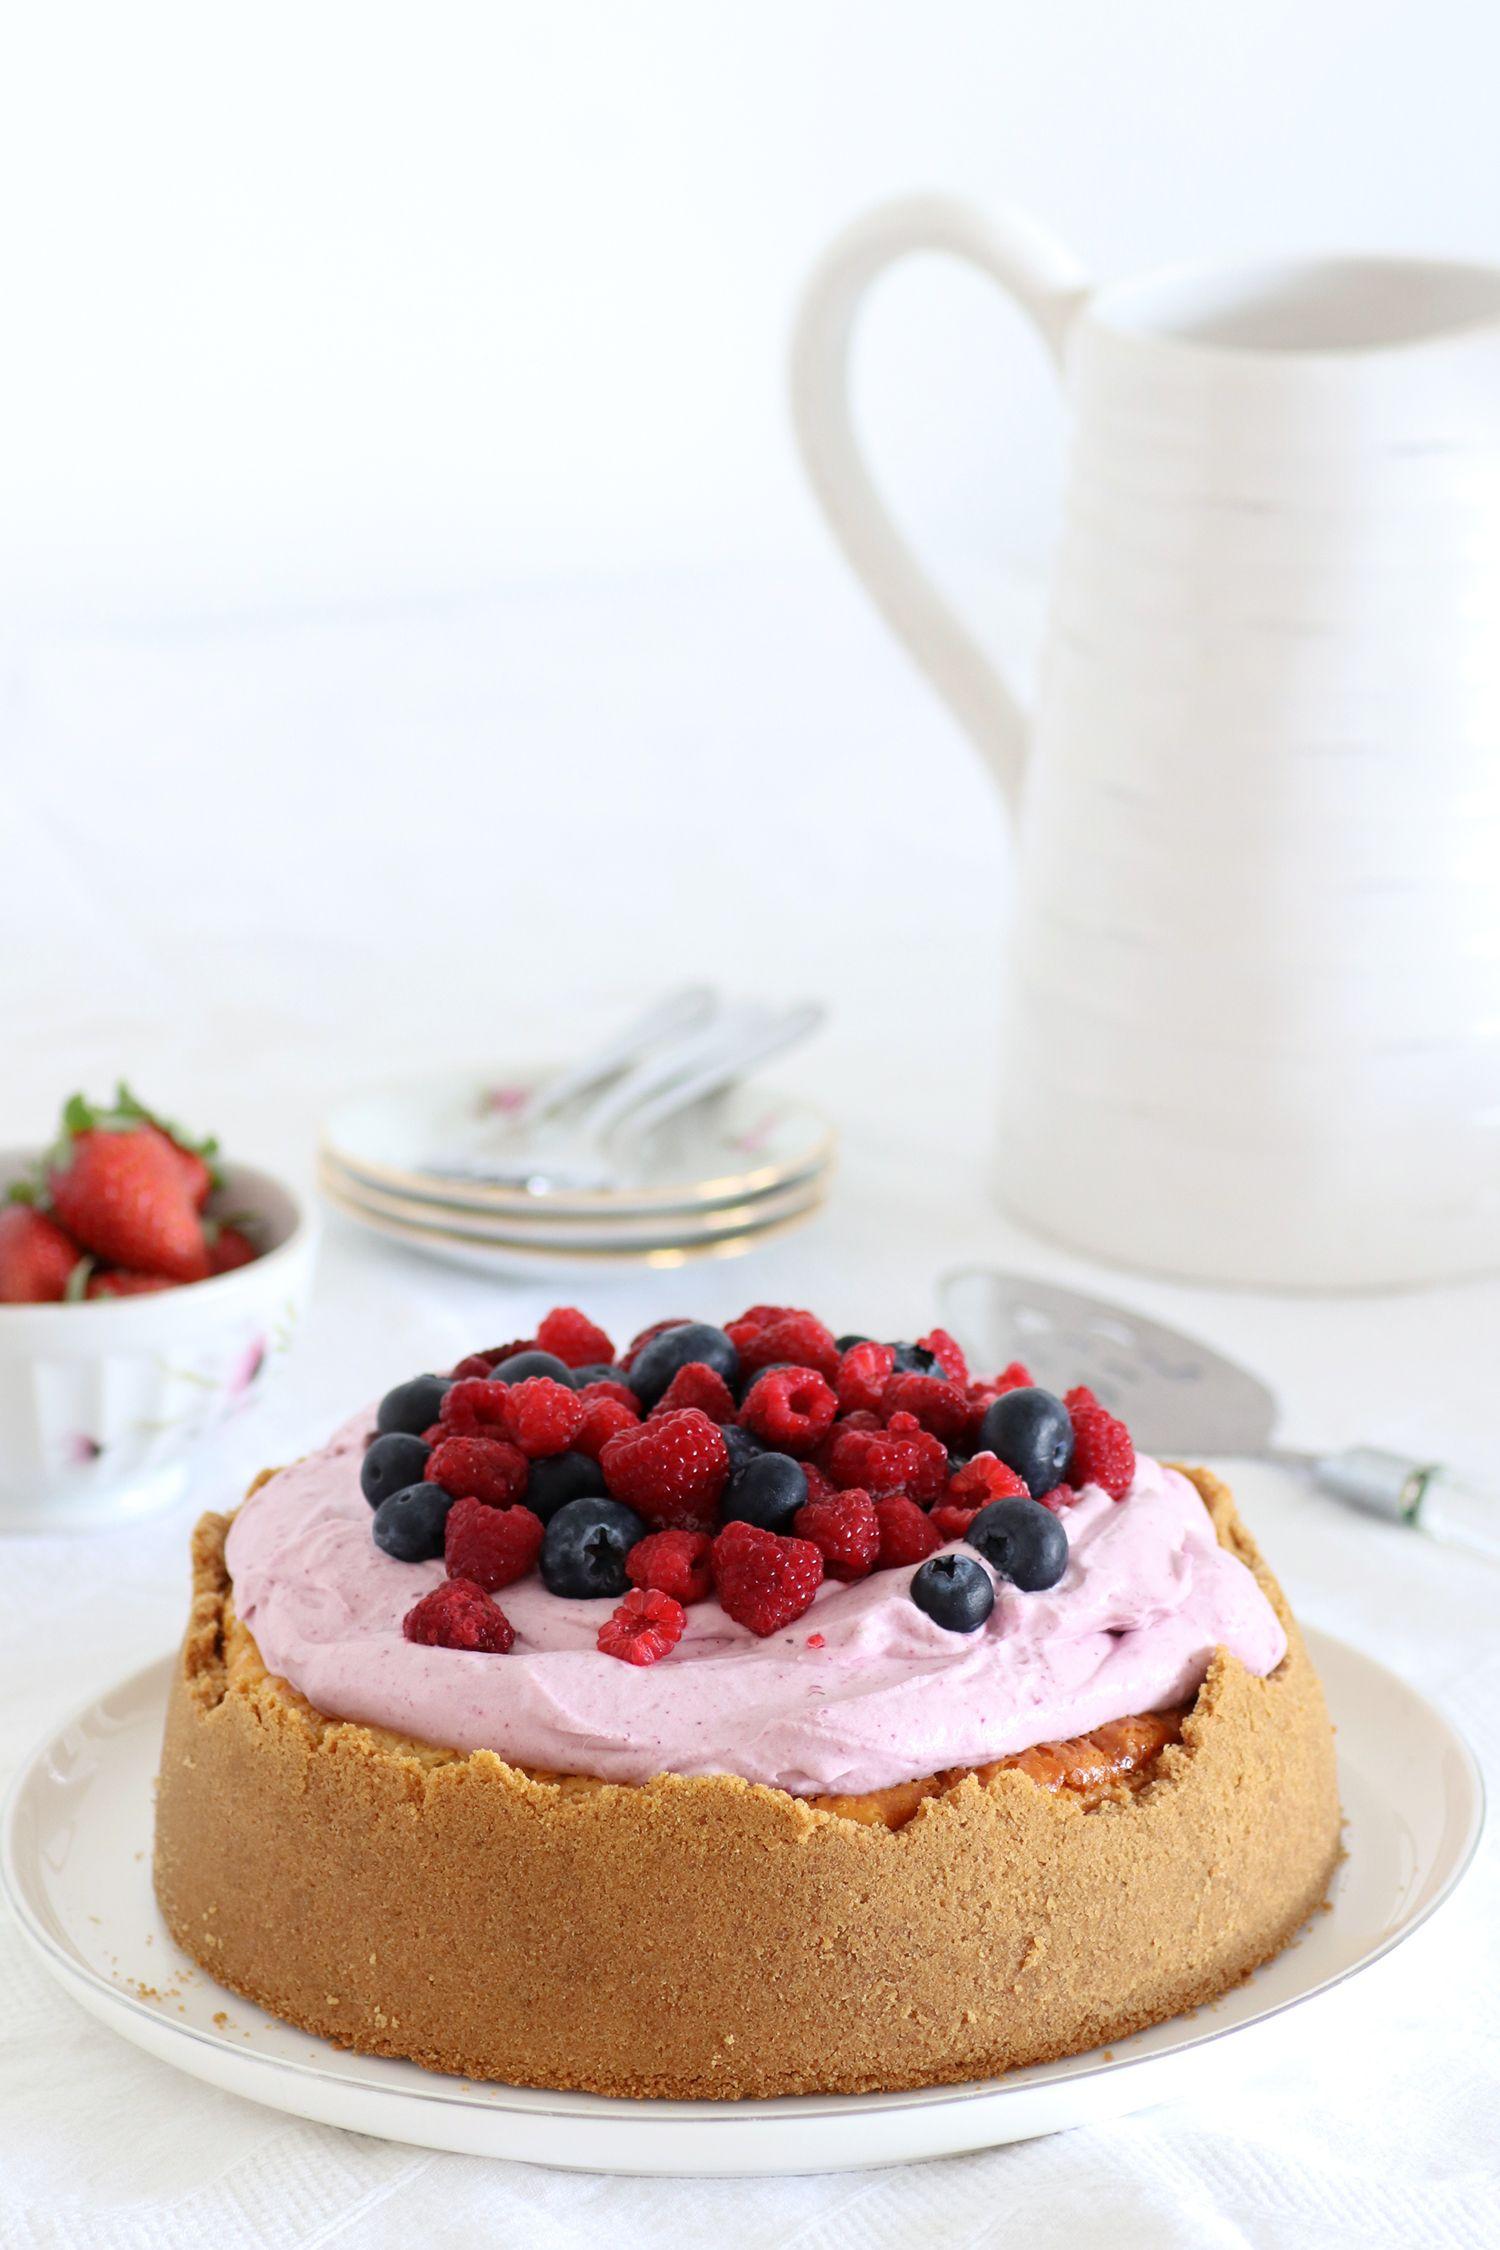 עוגת גבינה עם ענן פירות יער ויוגורט | צילום: נטלי לוין